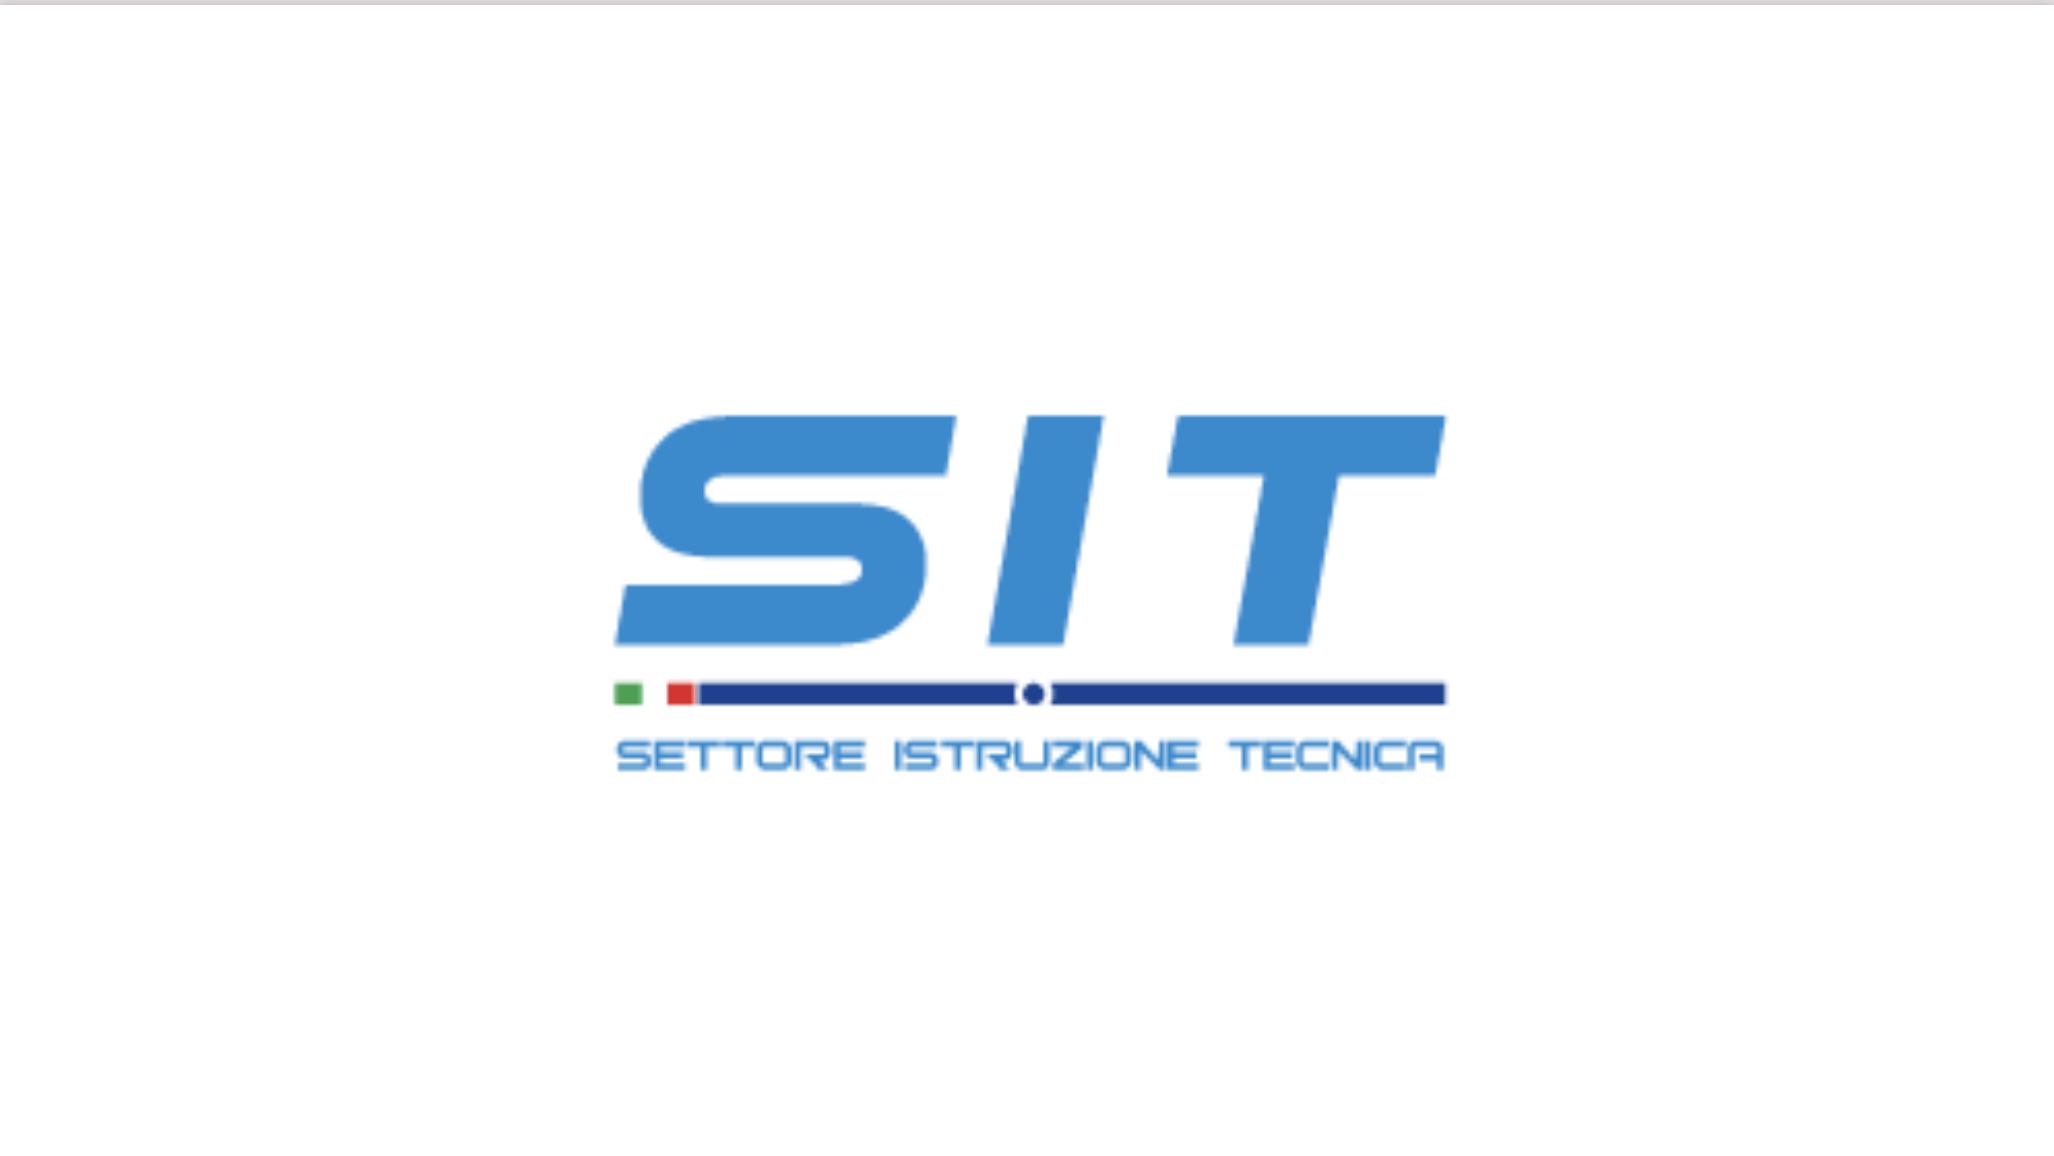 La nuova formazione: SIT, una rivoluzione europea